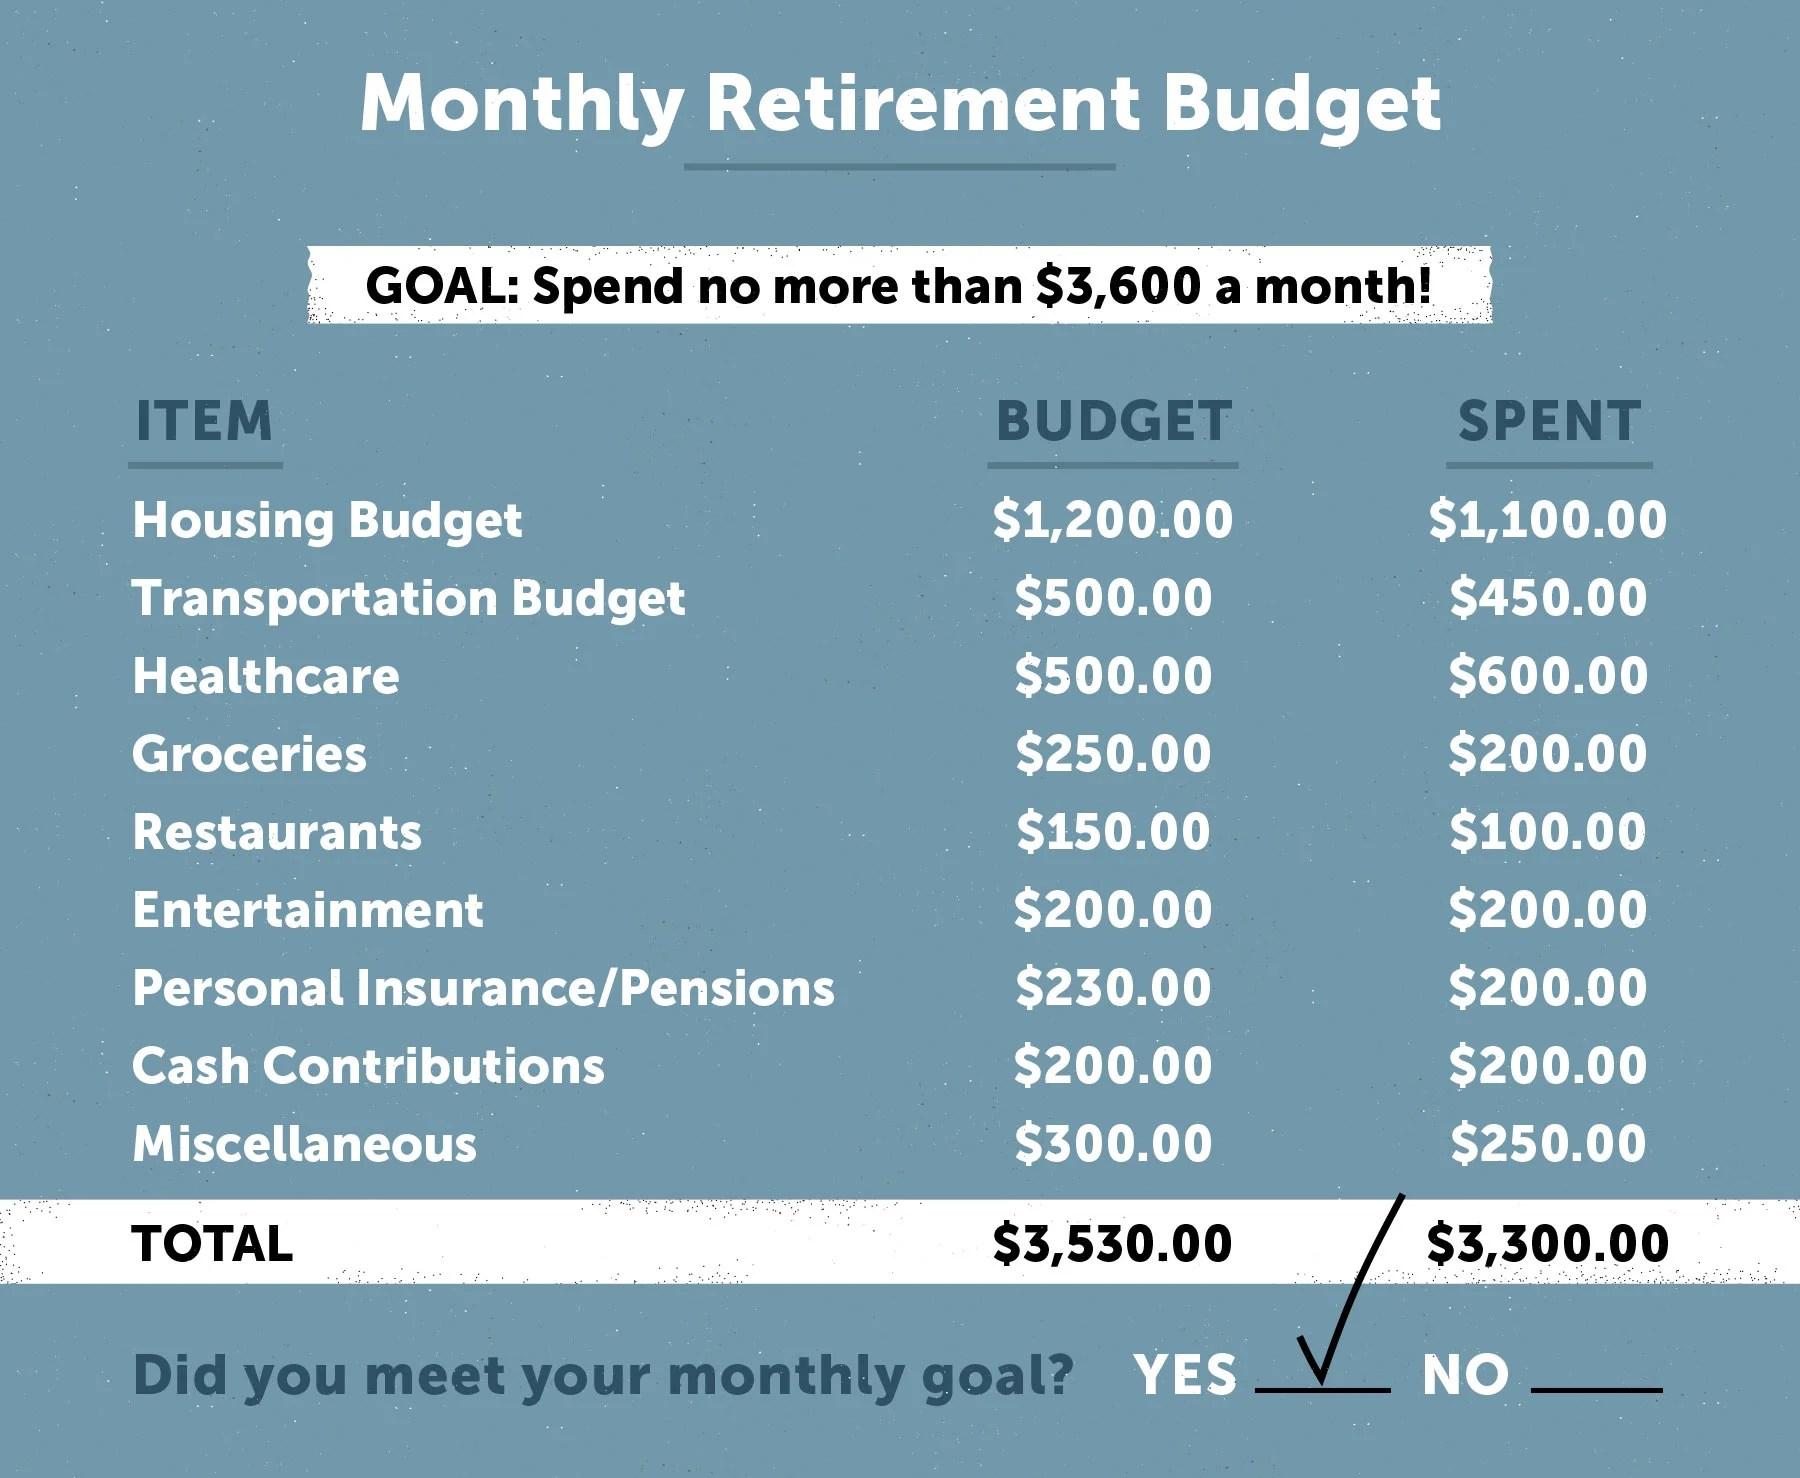 Retirement Planning Guide For Seniors